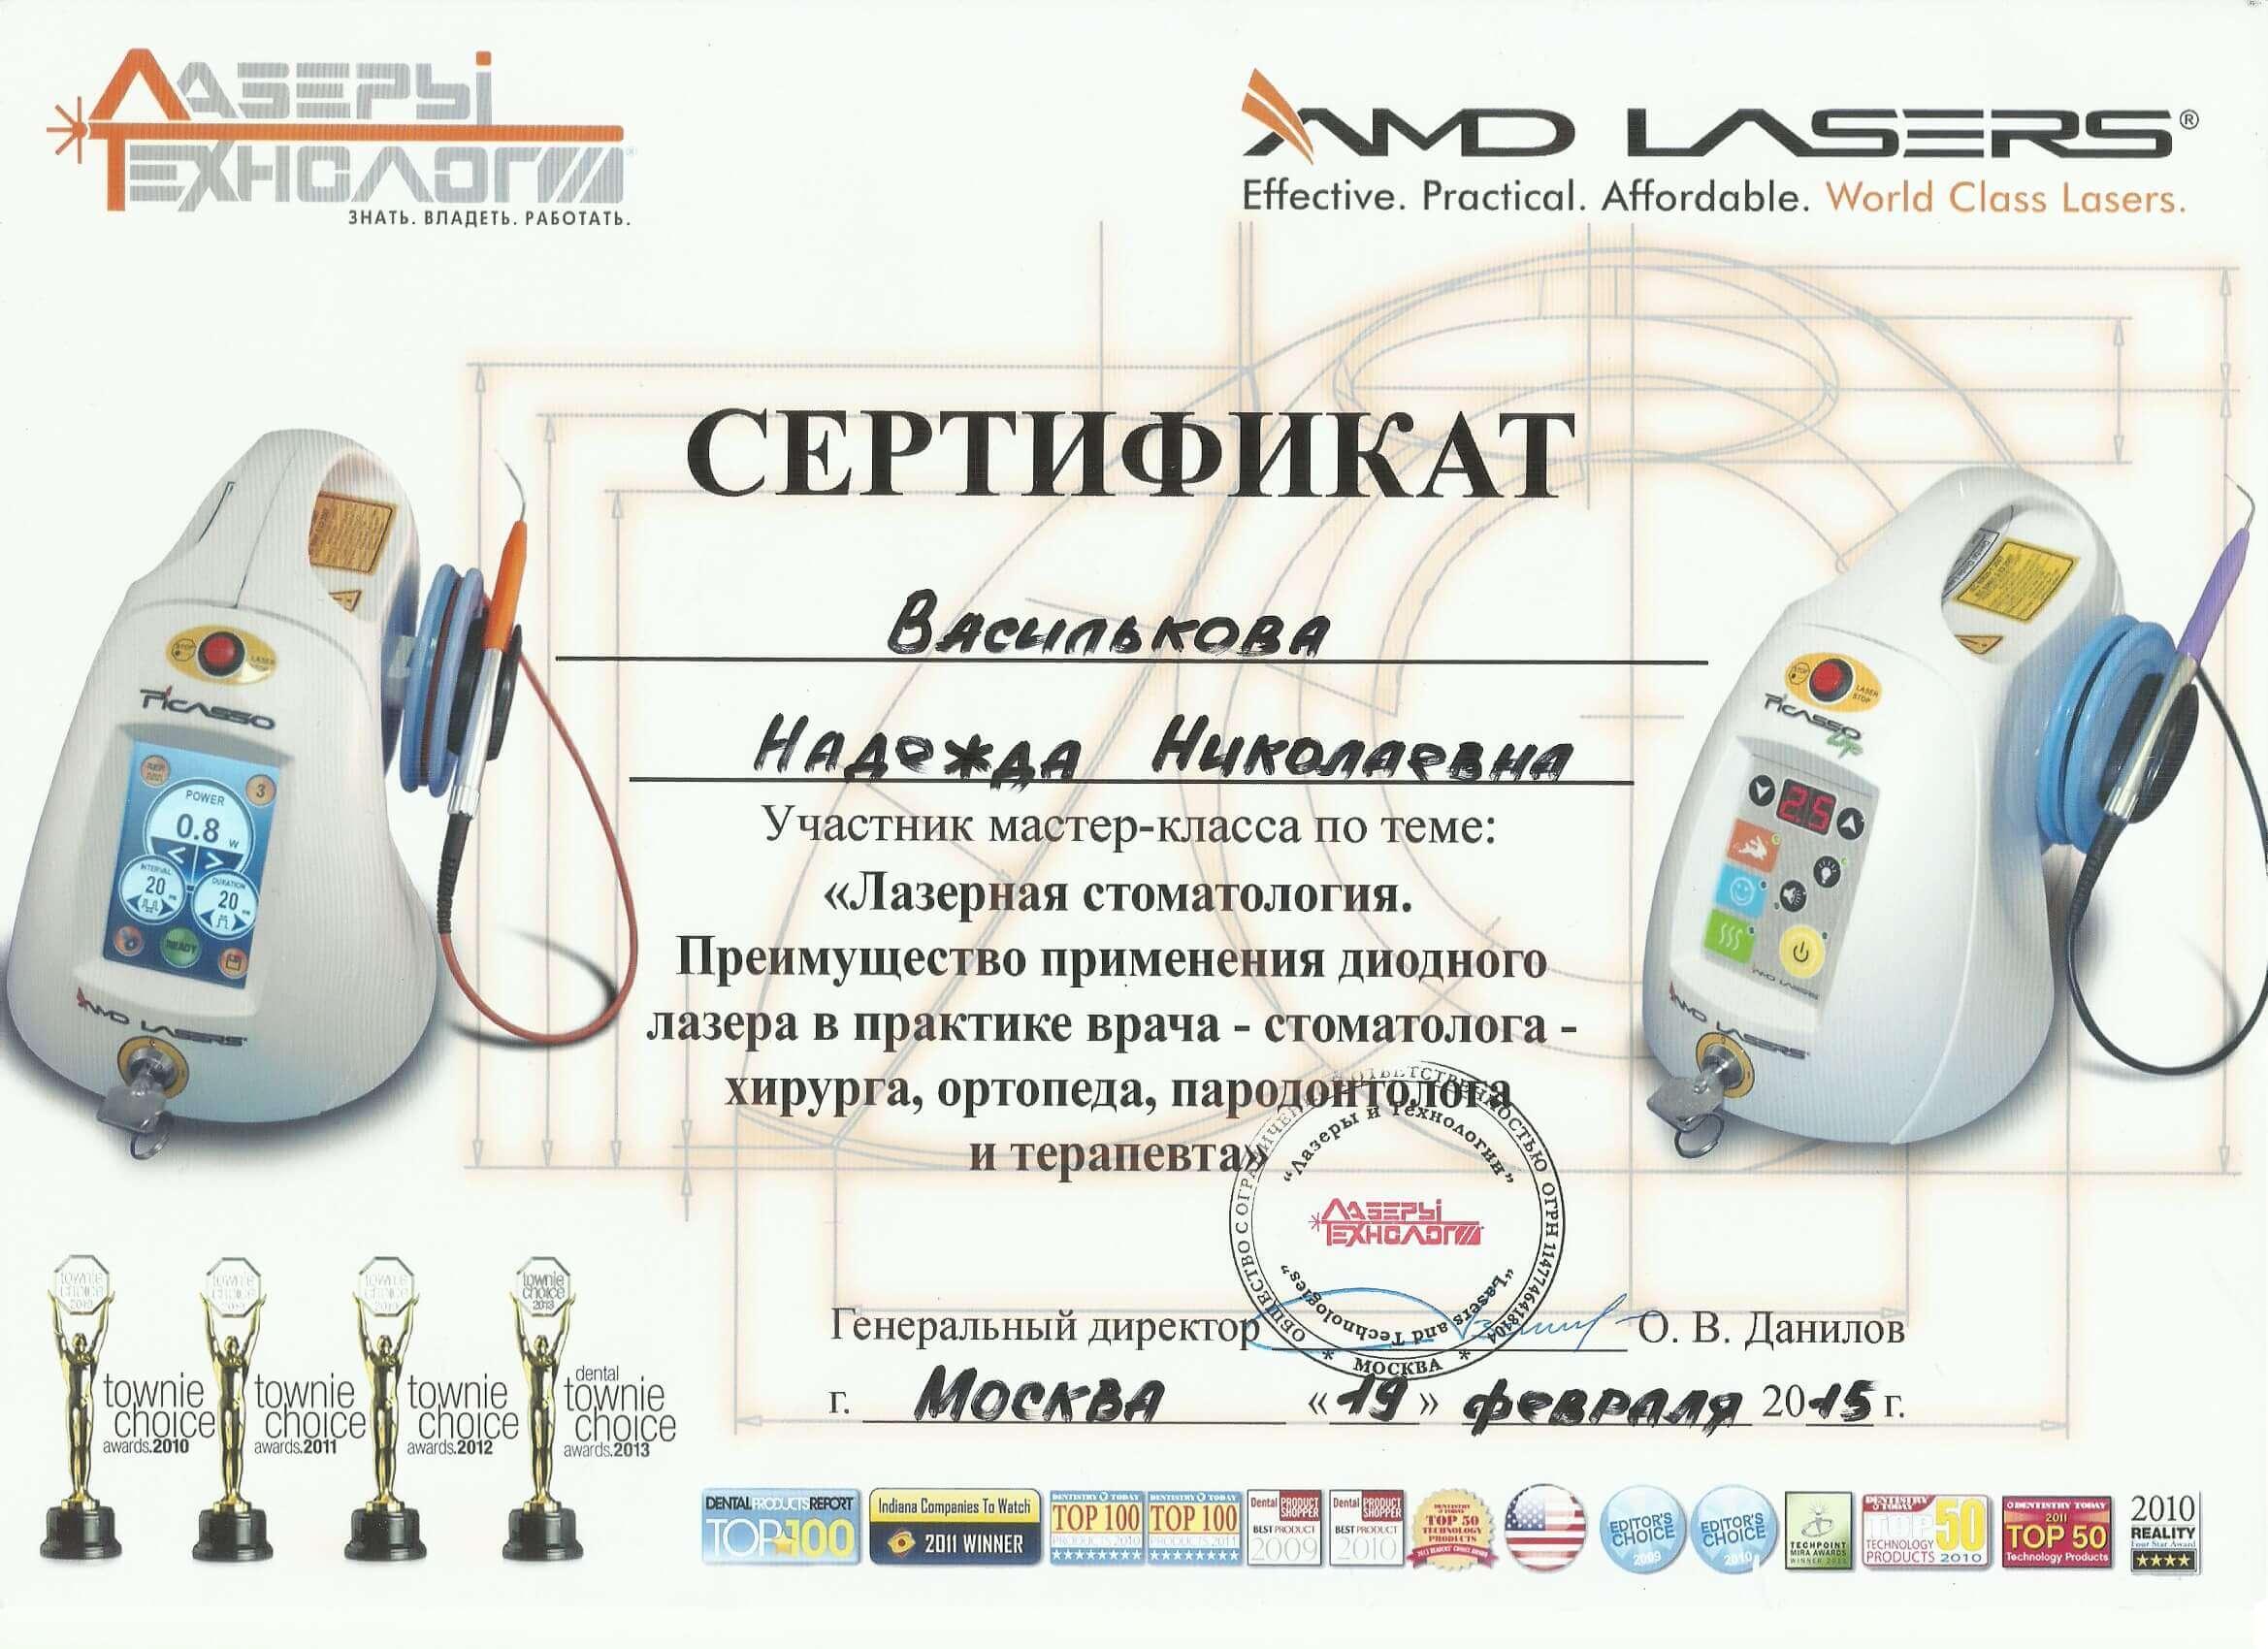 Сертификат от 19.02.2015